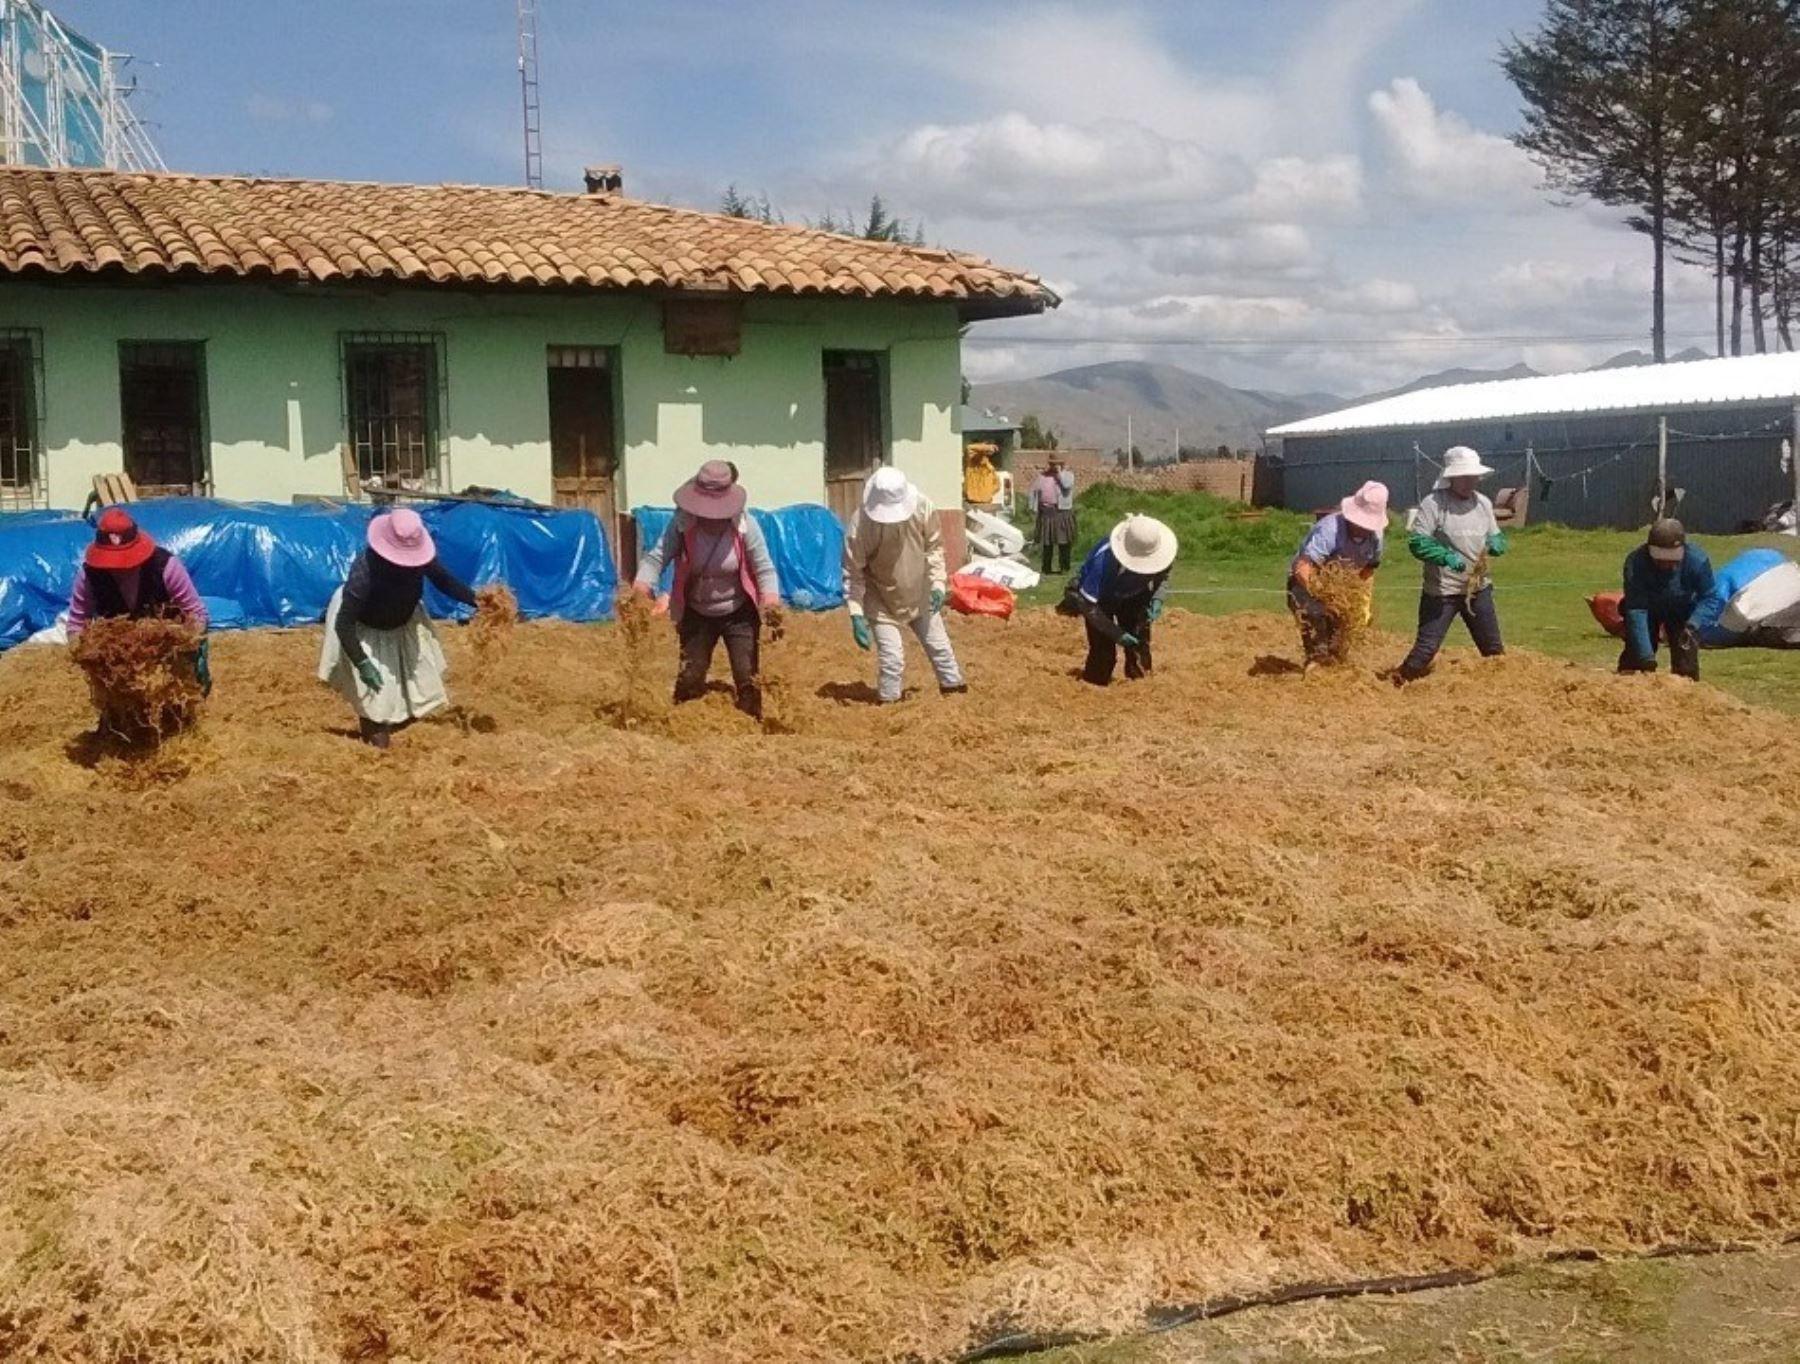 Serfor pide evitar la compra de musgo natural para adornar nacimientos y así no causar la depredación de bosques andinos.